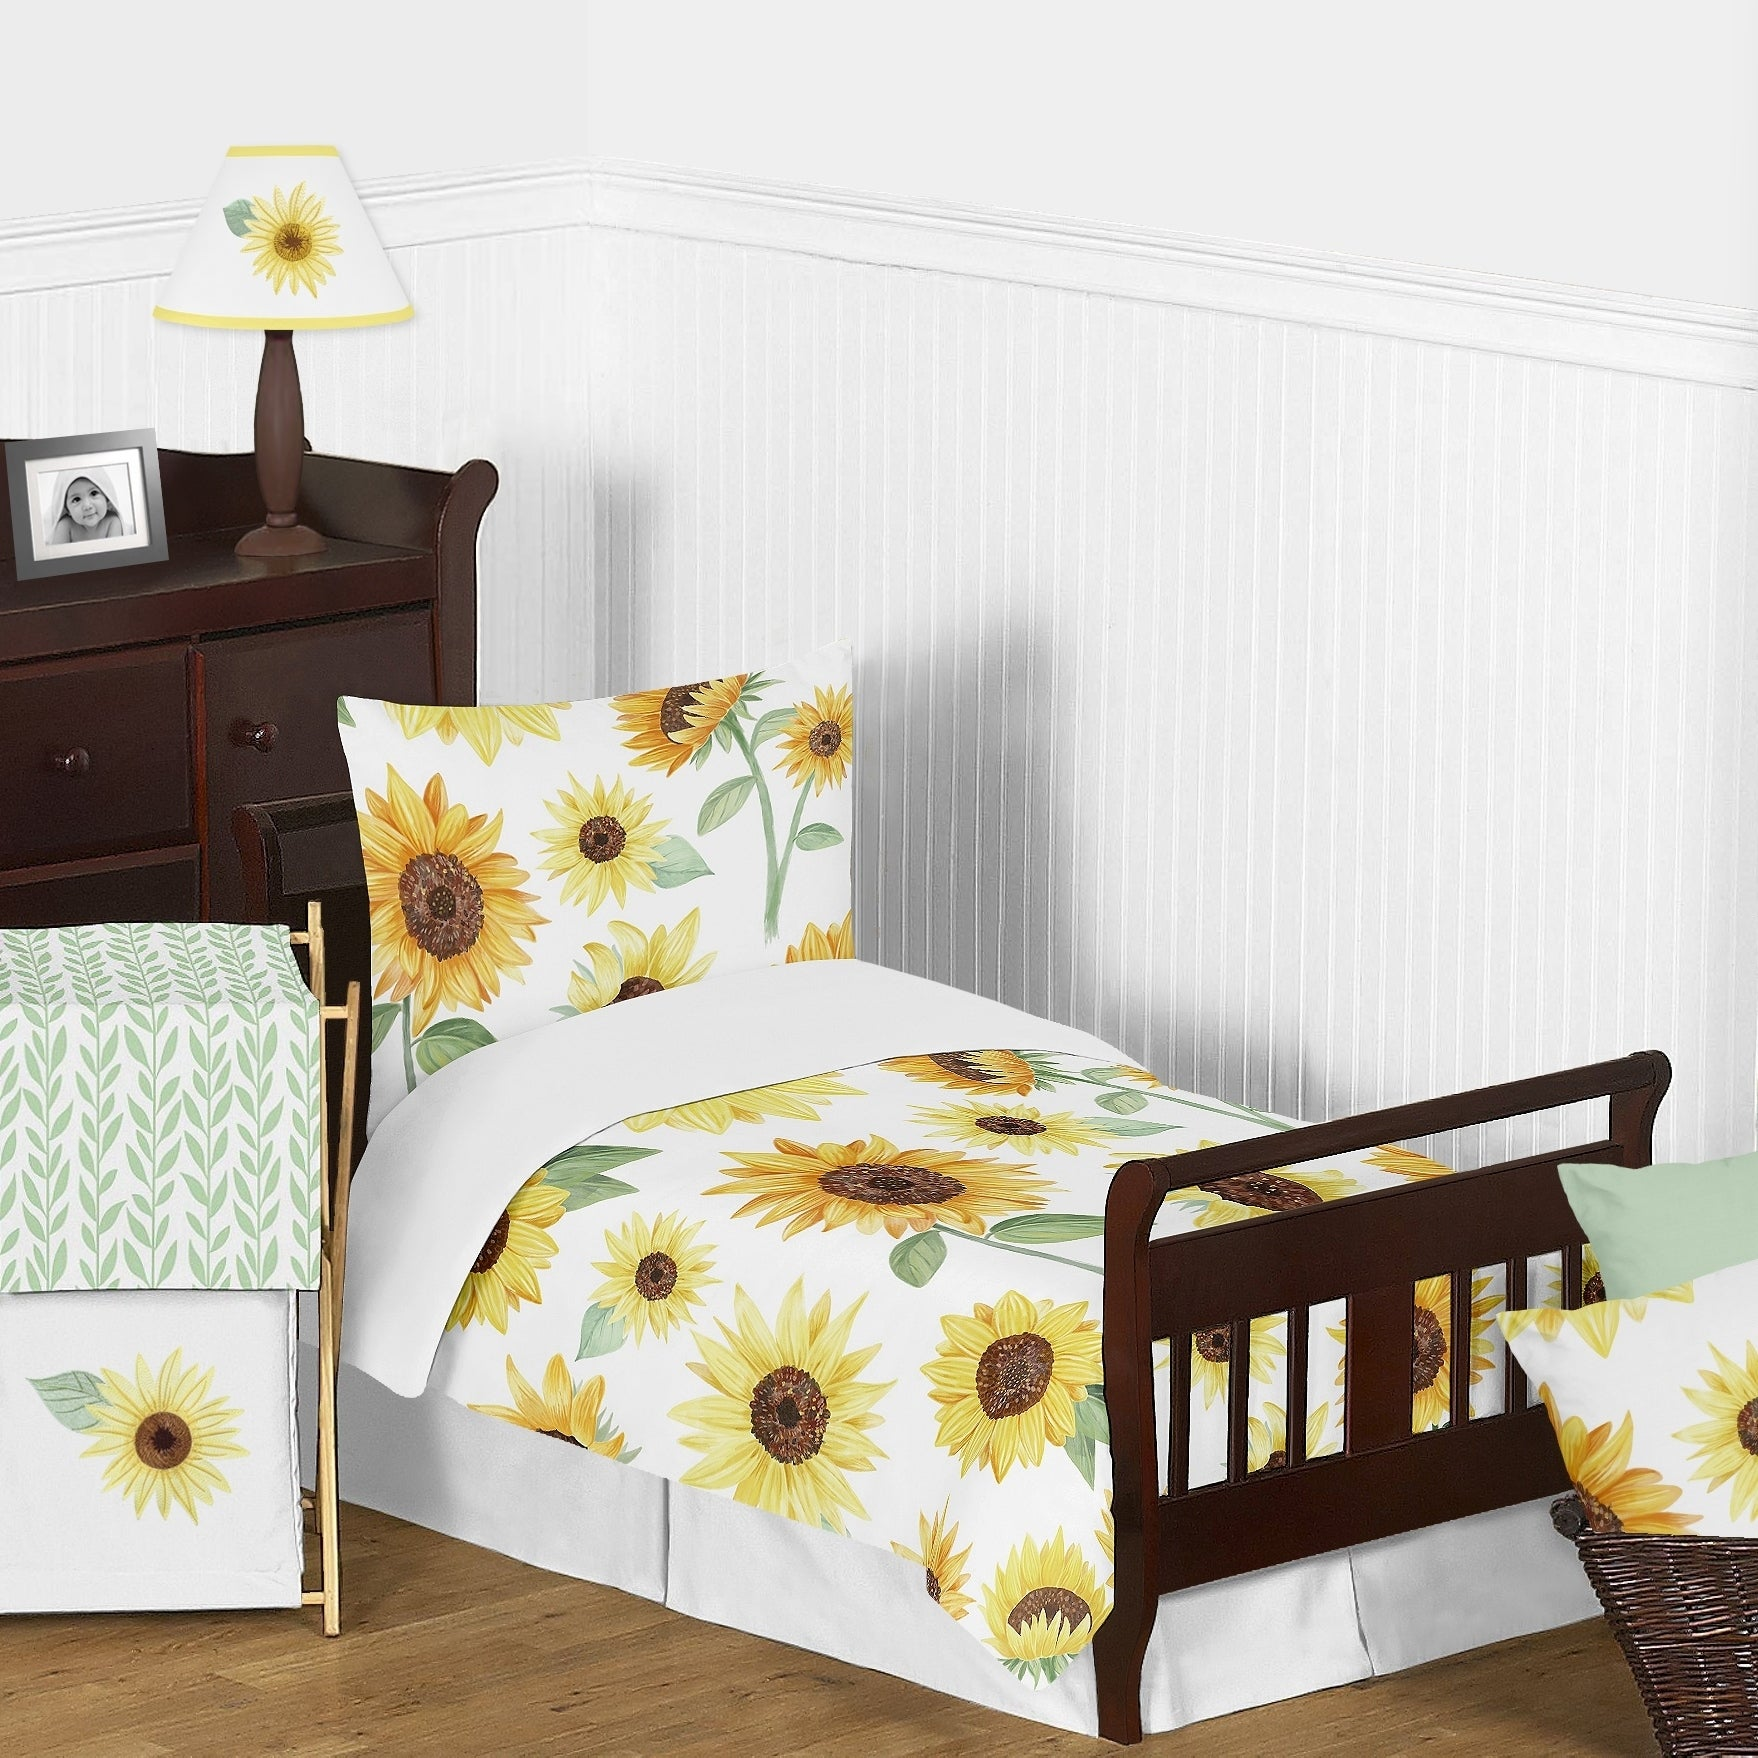 3 Pieces Devut Cover With 2 Pillow Shams Erosebridal Sunflower Print Comforter Cover For Kids Boys